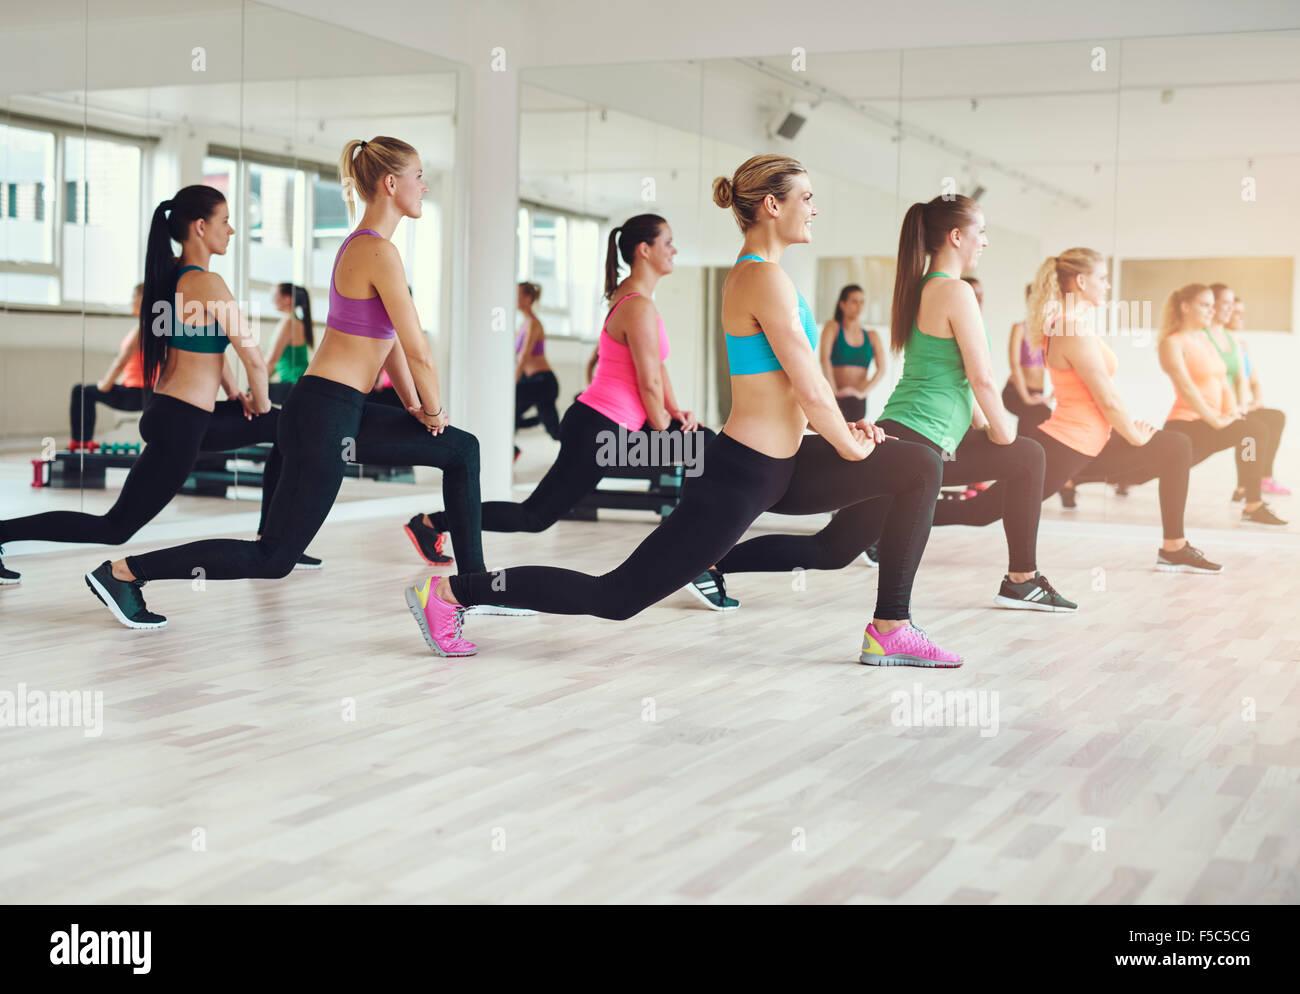 Gimnasio, el deporte, la formación, el gimnasio y el concepto de estilo de vida - grupo de gente sonriente Imagen De Stock